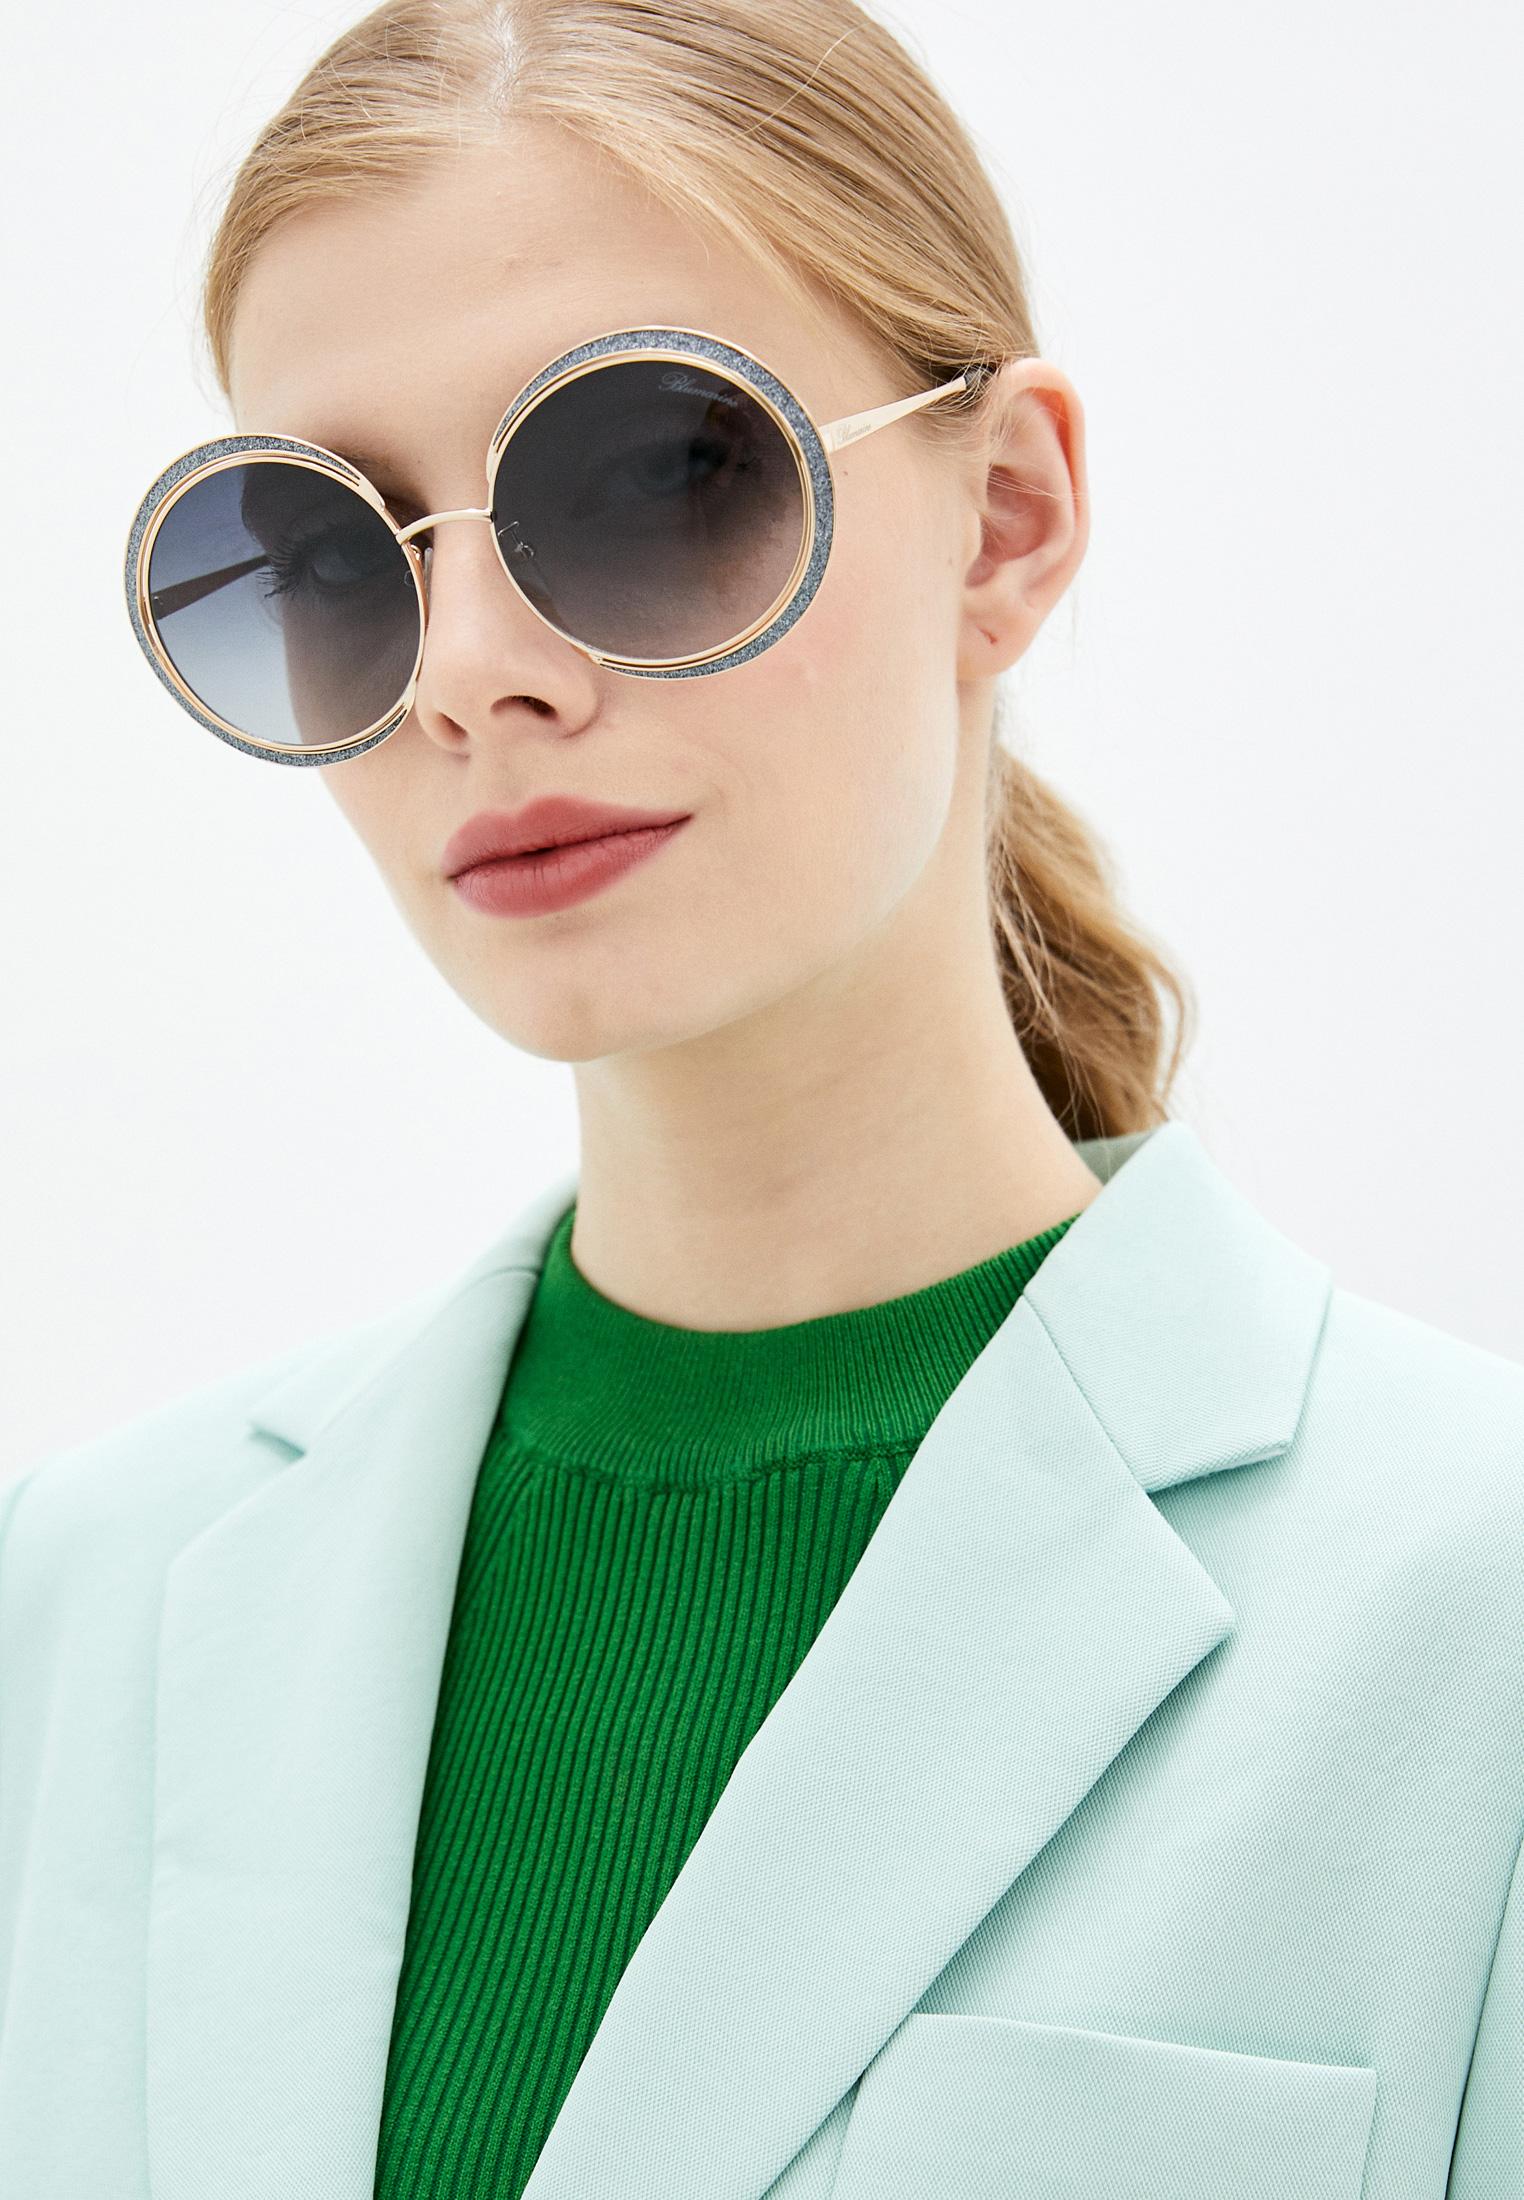 Женские солнцезащитные очки Blumarine Blumarine-121-300F: изображение 5